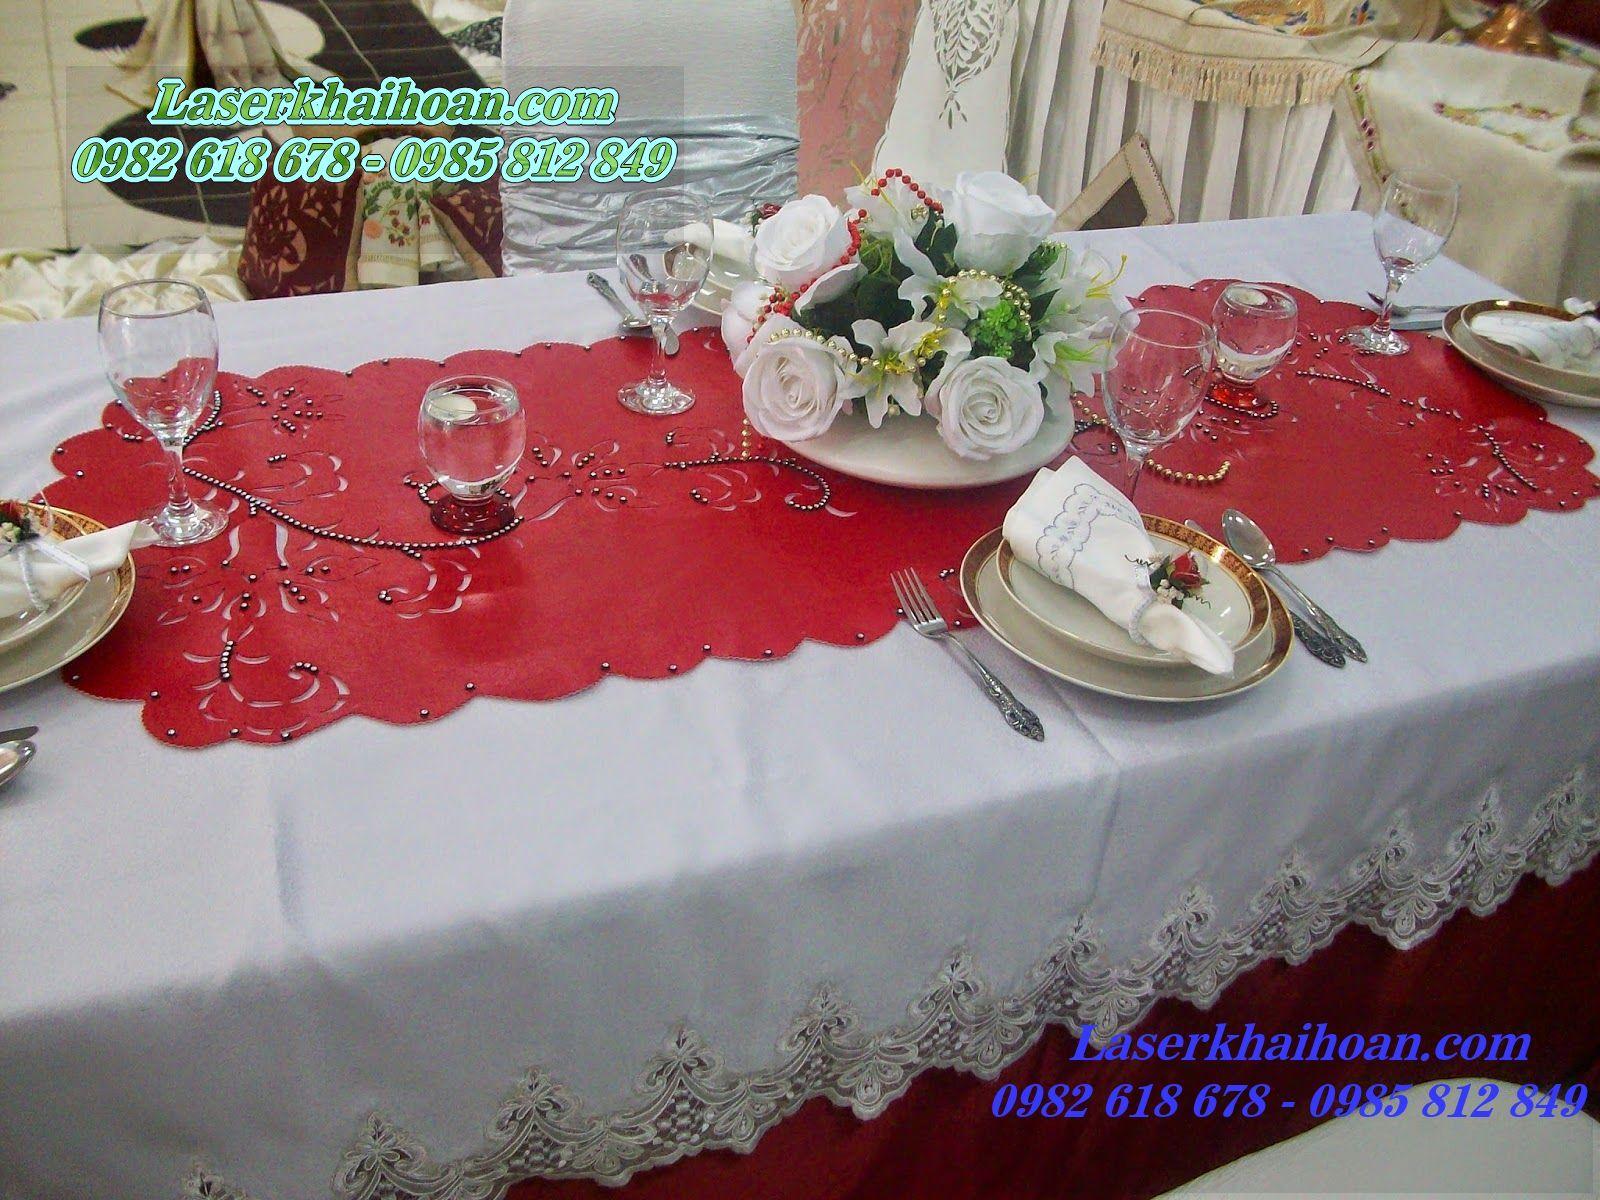 Cắt laser trên vải làm khăn trải bàn